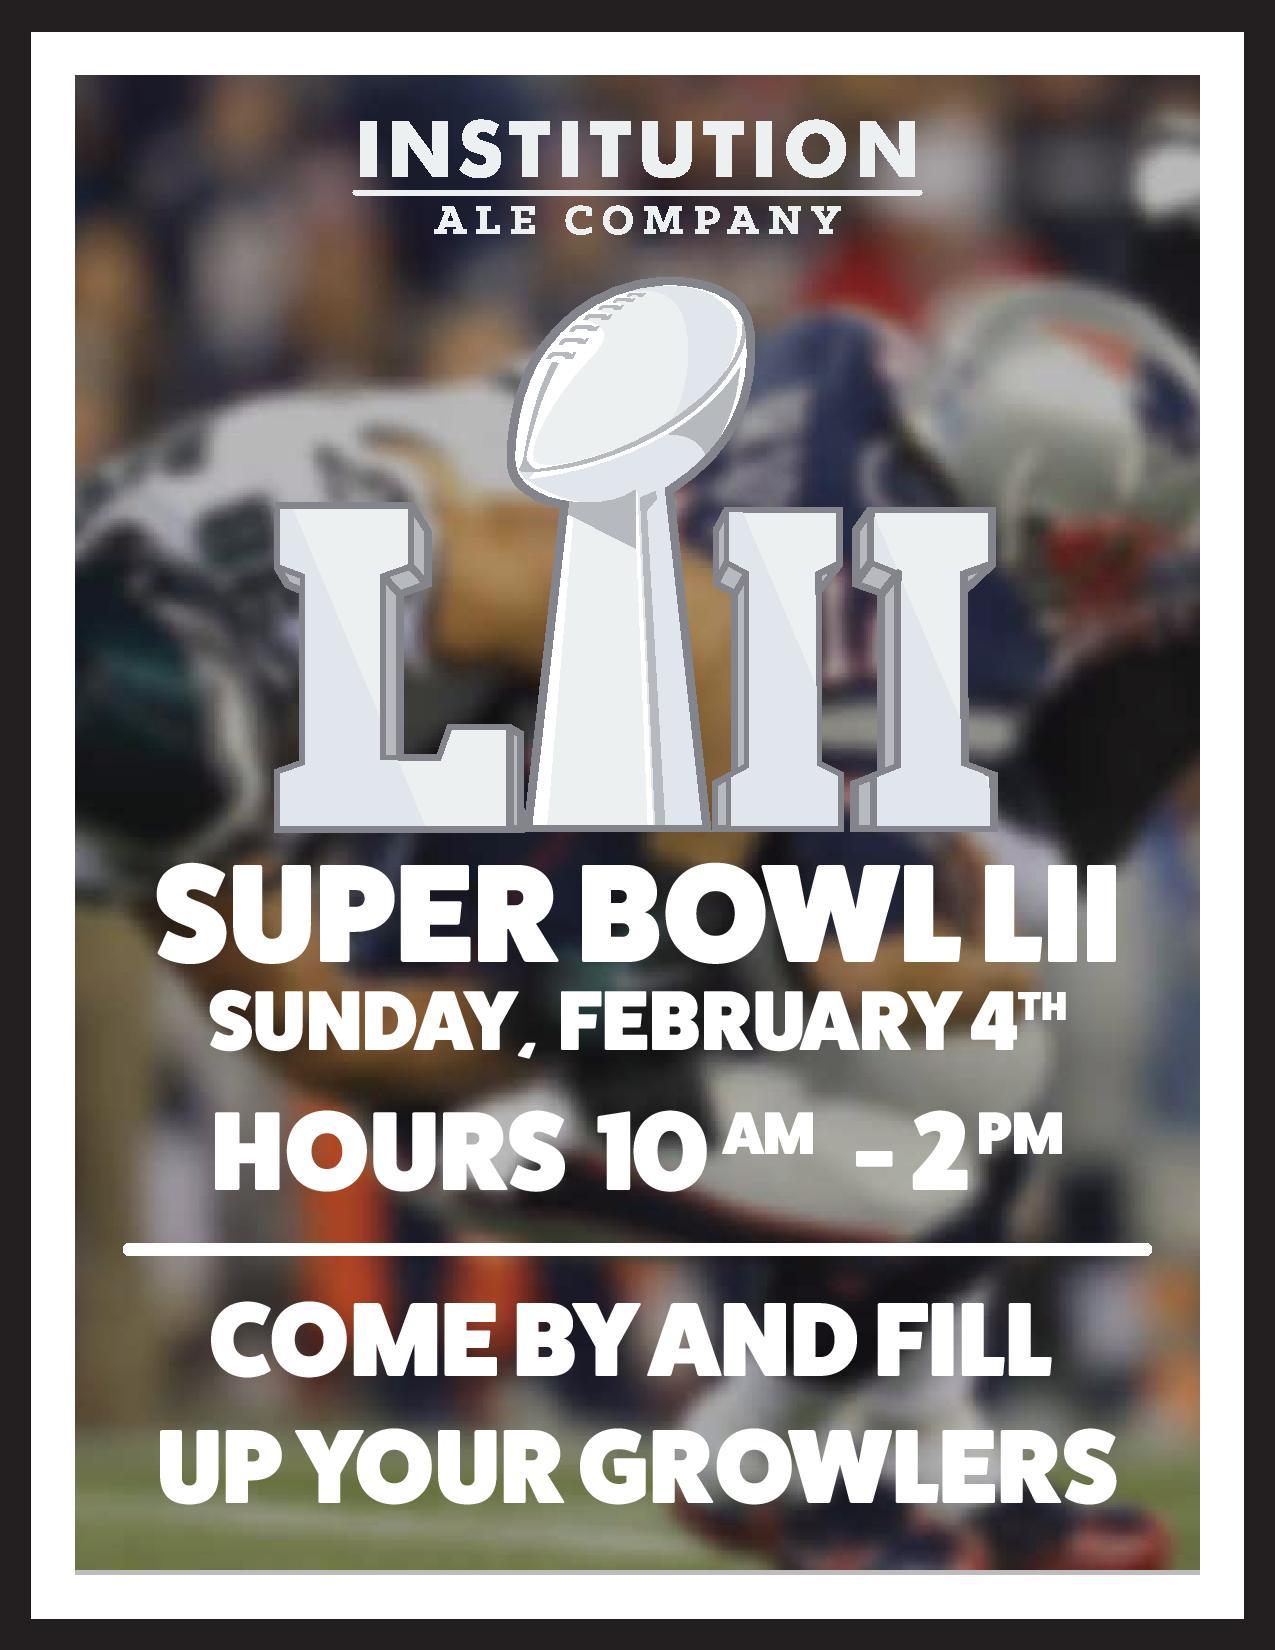 superbowl_flyer-page-001.jpg